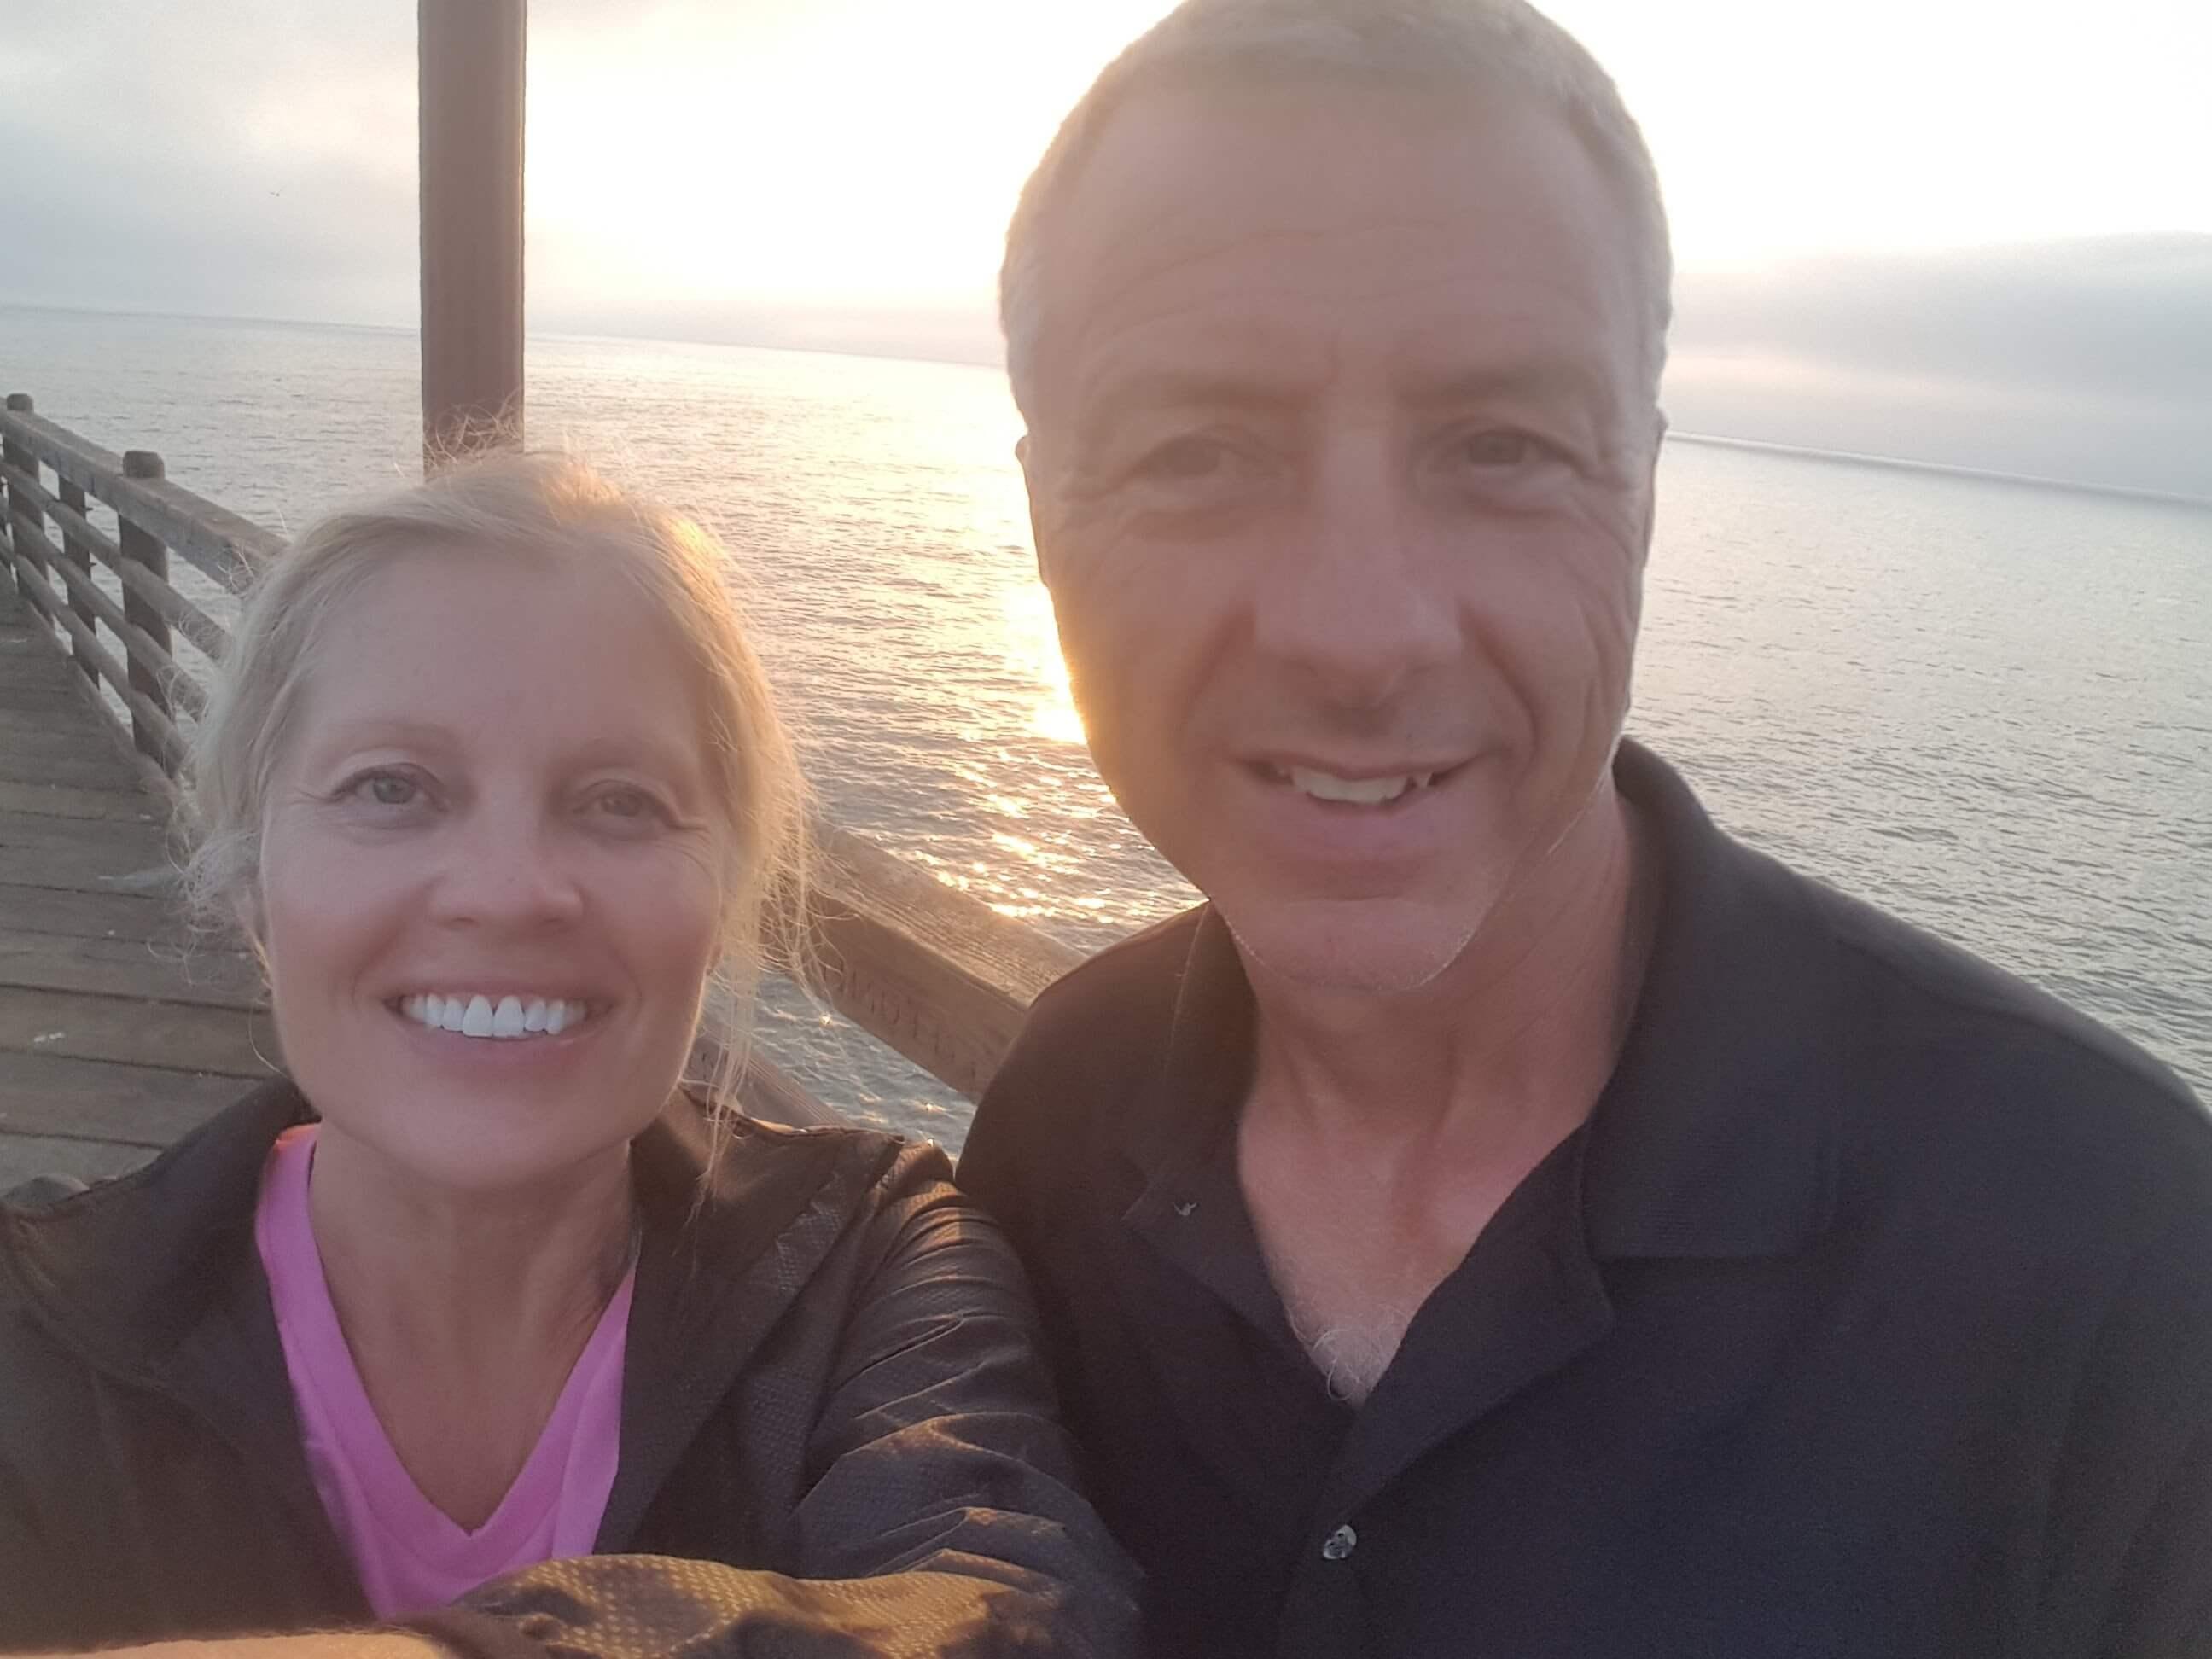 Having fun on the Oceanside Pier